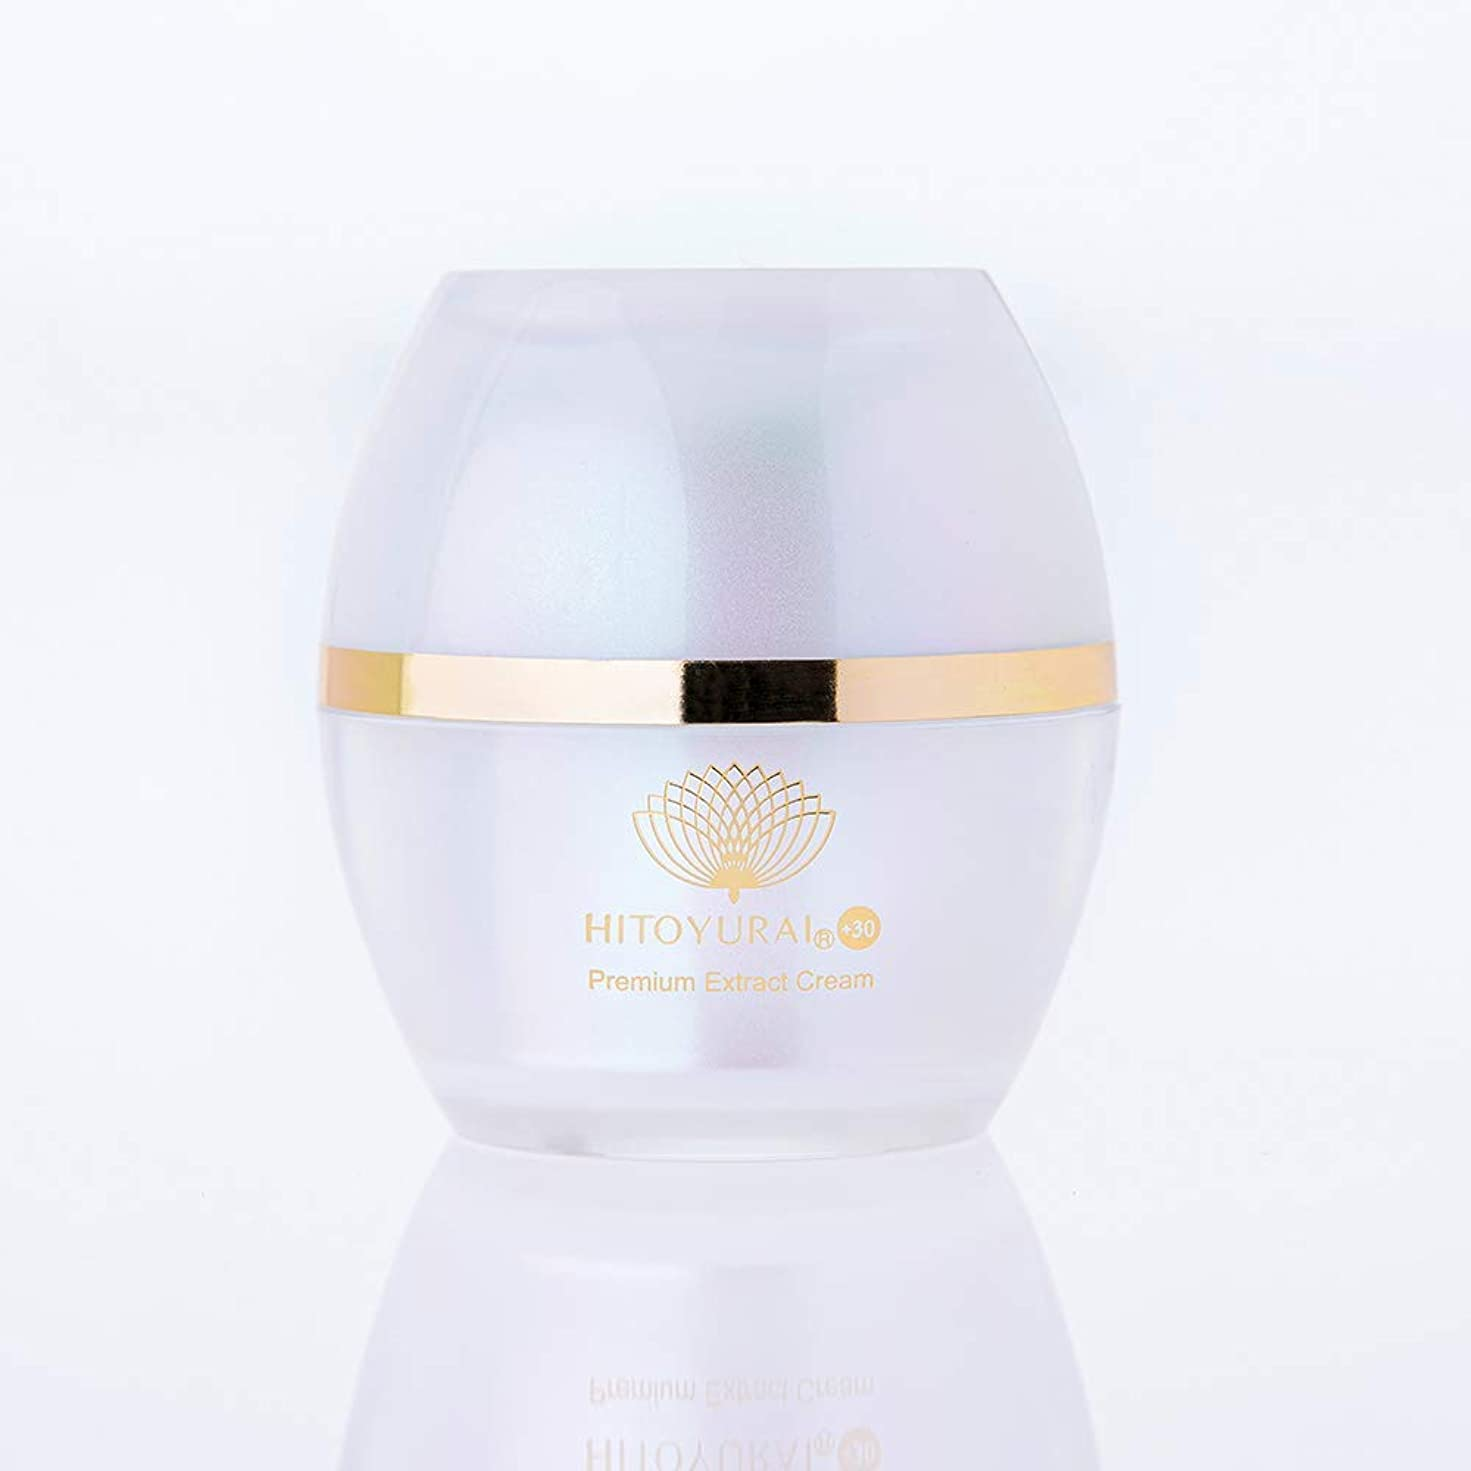 バーマドゆりきらめくヒトユライプレミアム クリーム幹細胞培養液(神経系+脂肪系)高配合 &ヒトユライ プレミアム フェイスマスク 20ml 1枚セット